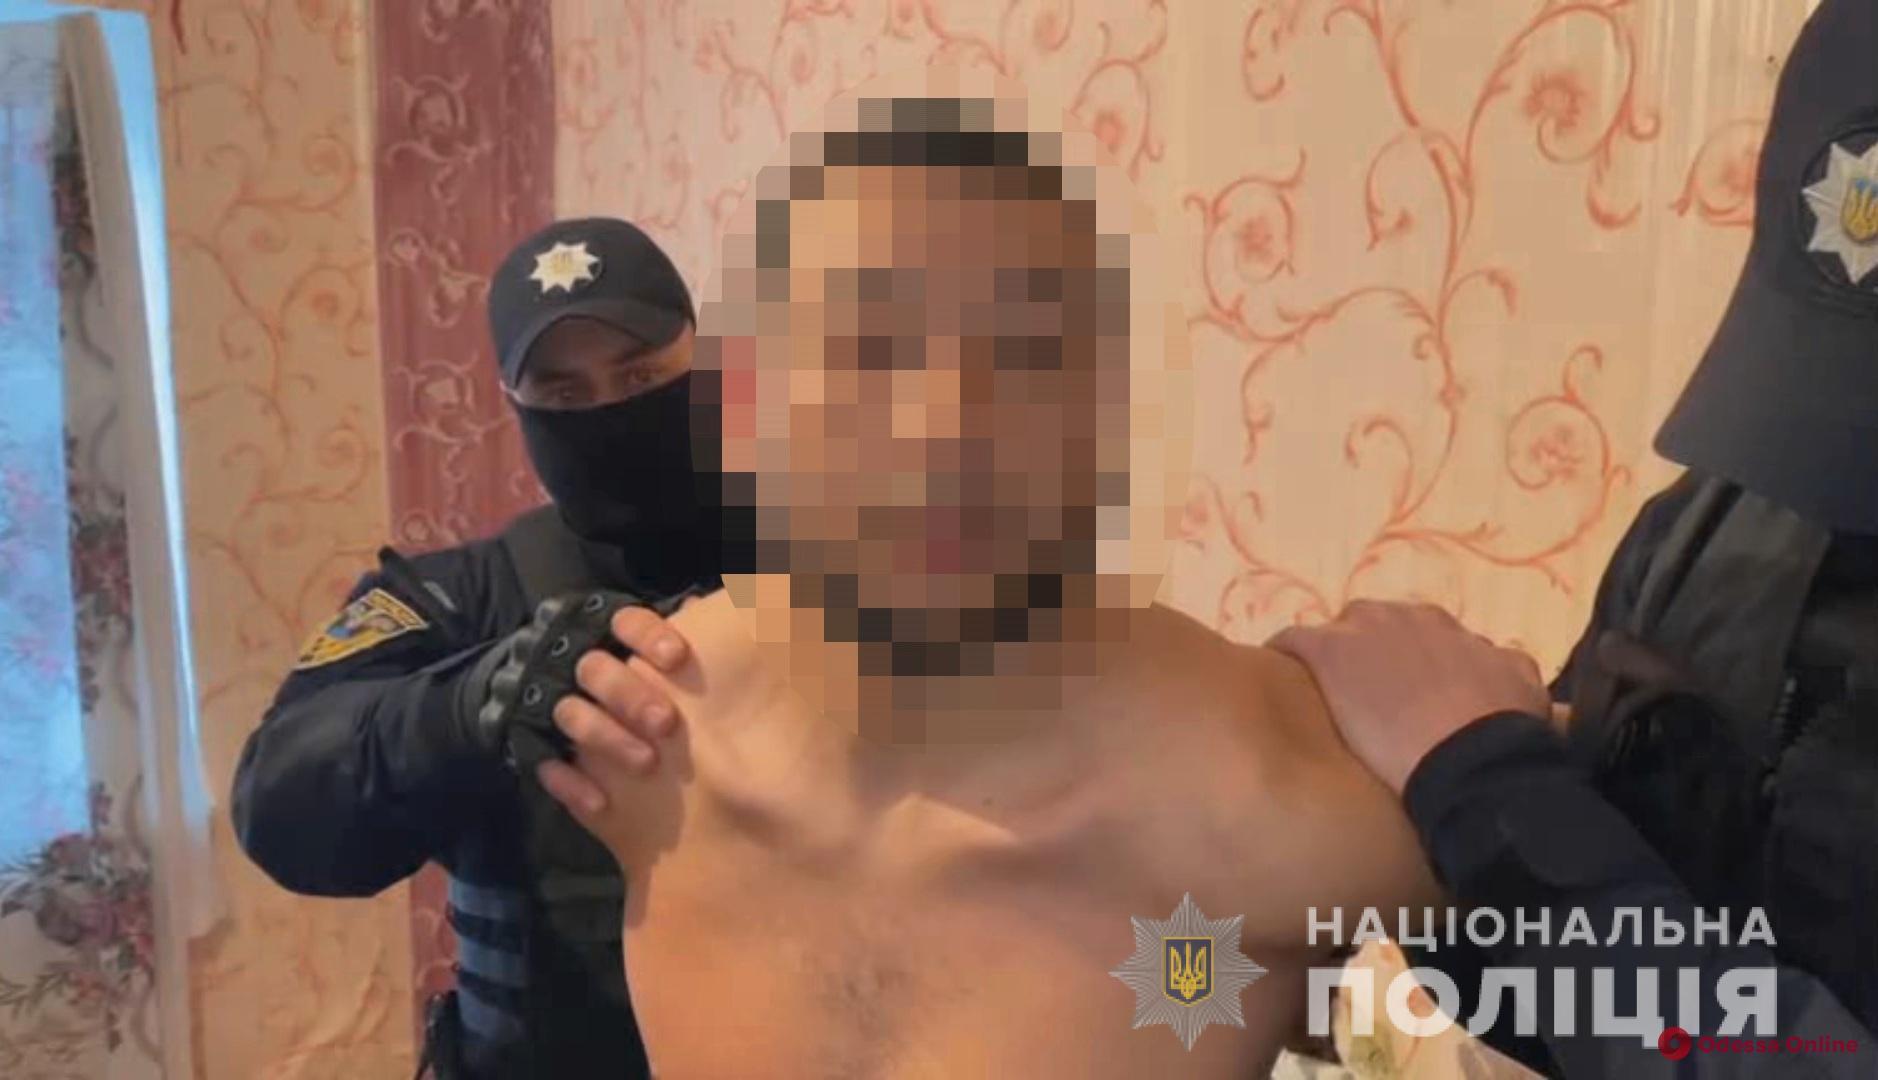 Пытались влиять на криминогенную ситуацию: под Одессой задержали семерых «авторитетов»